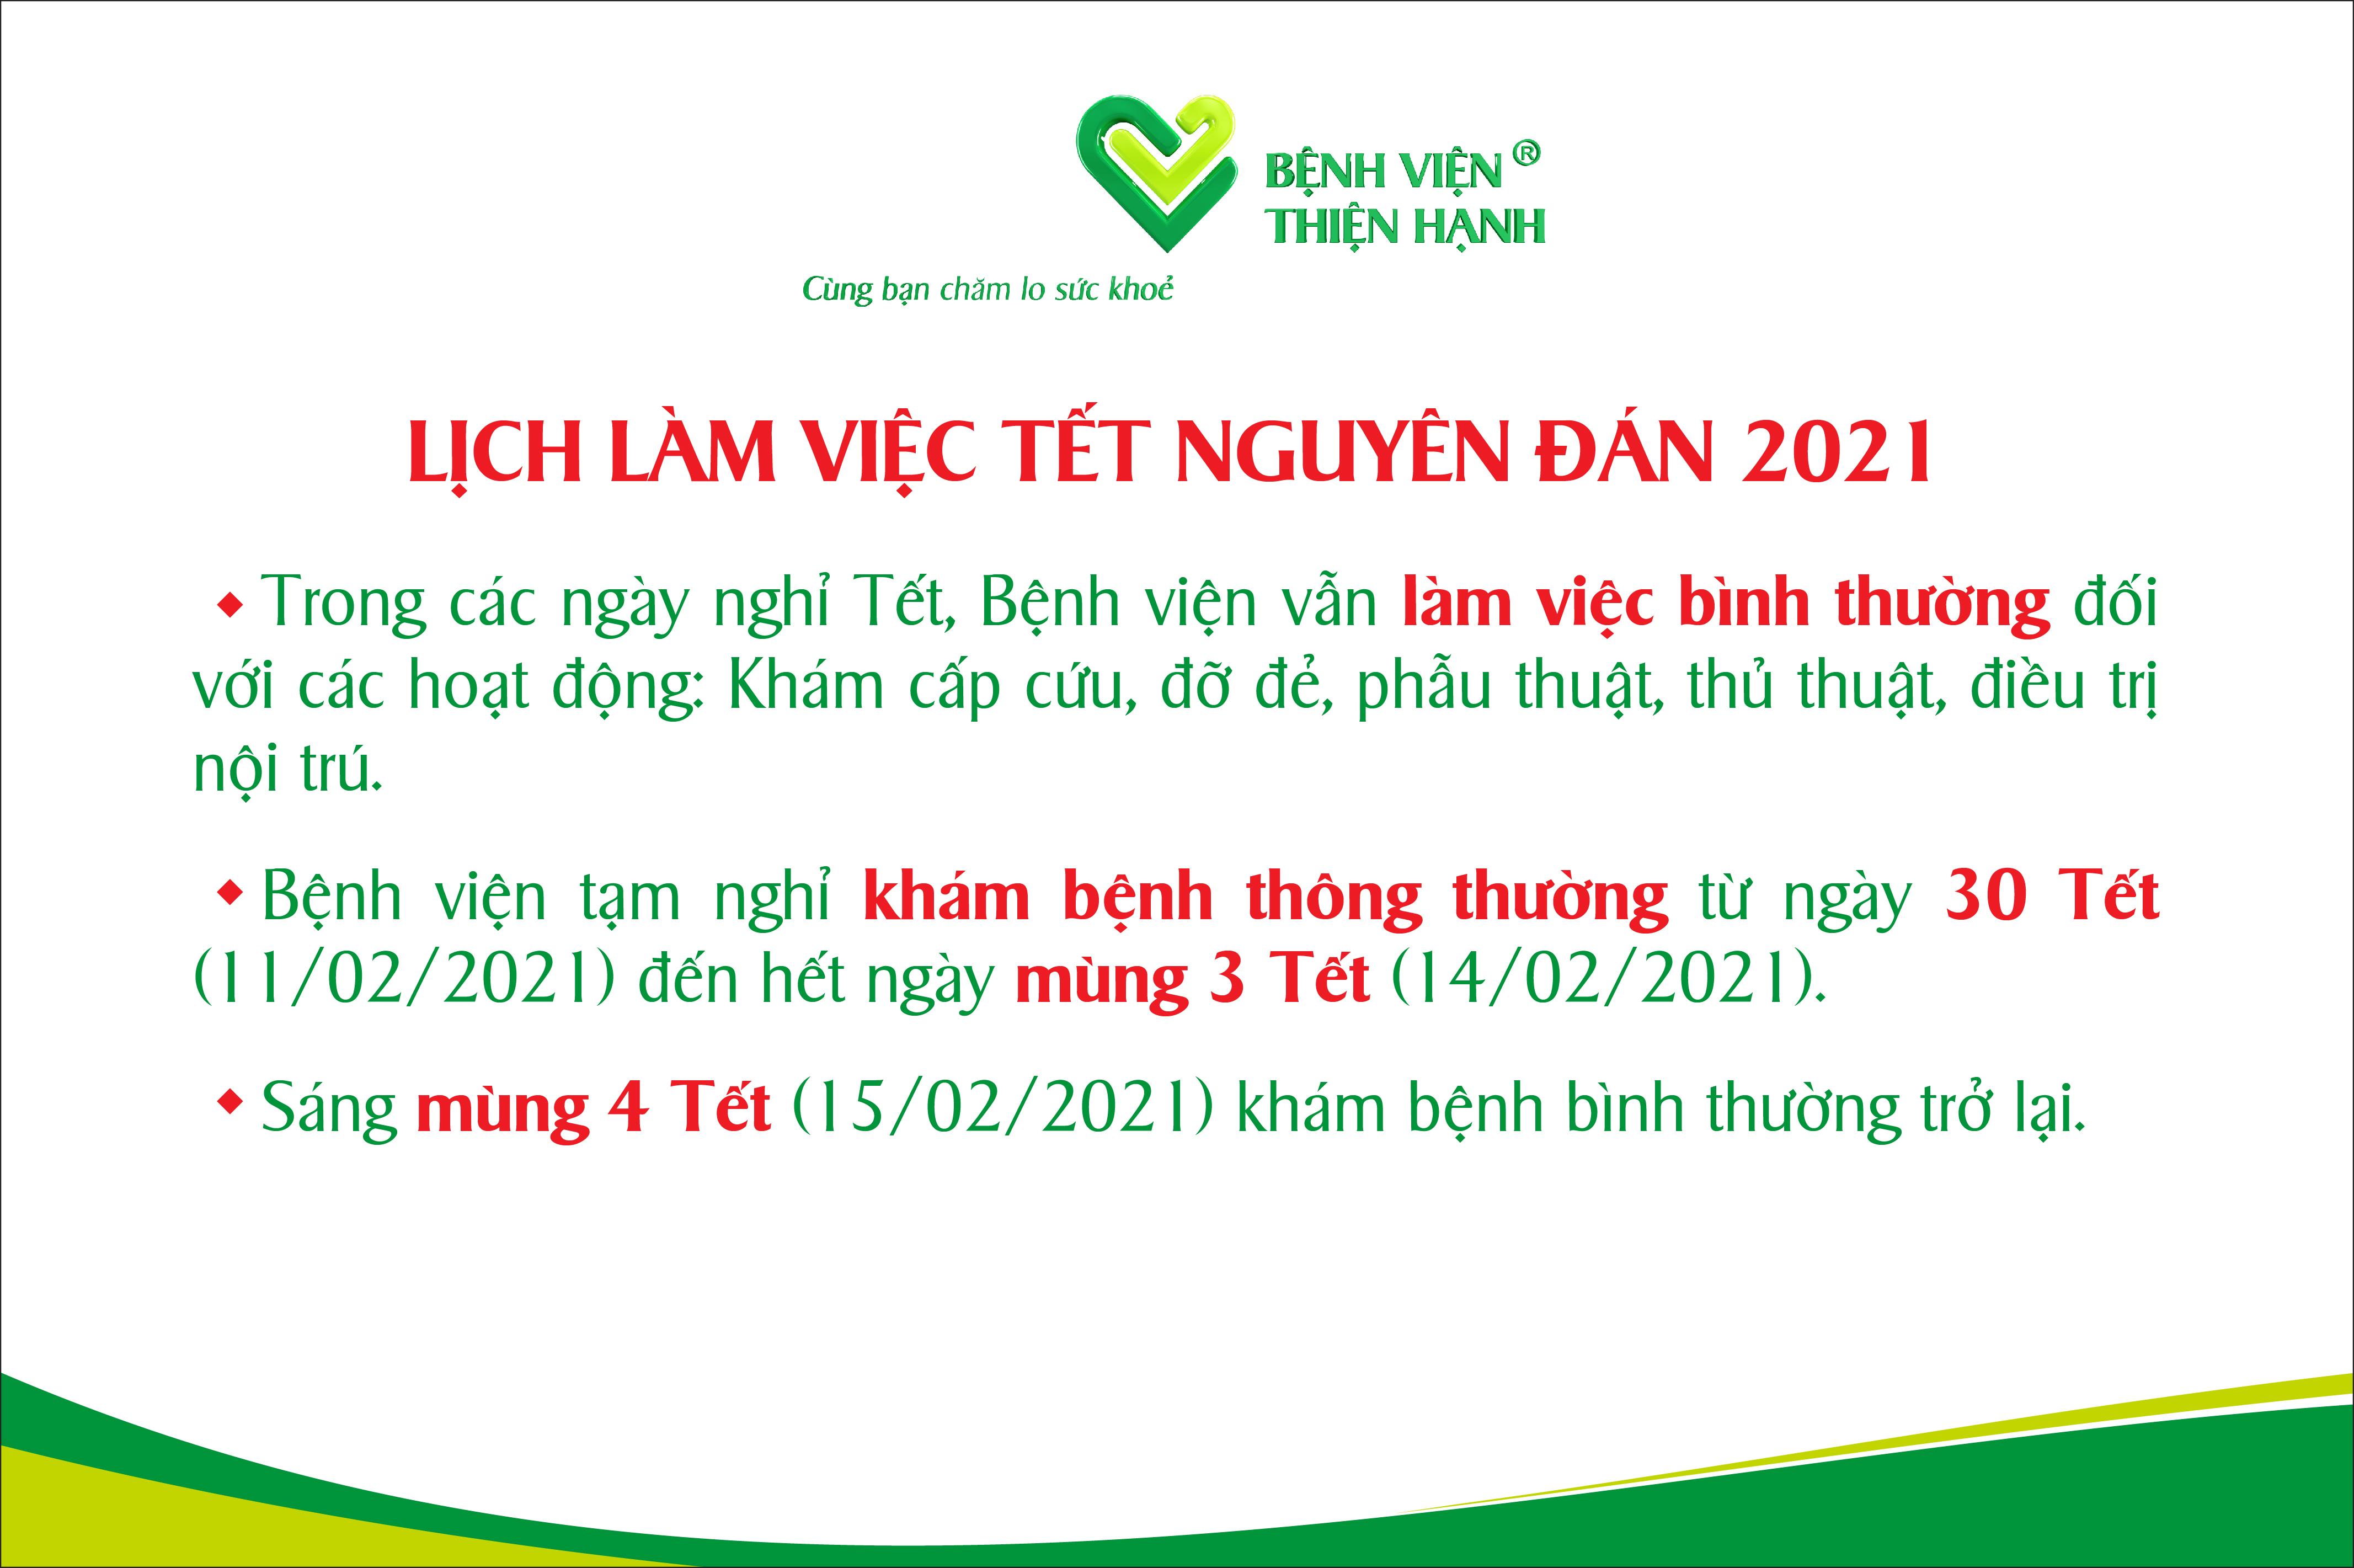 Bệnh Viện Thiện Hạnh Thông Báo Lịch Làm Việc Tết Nguyên đán 2021